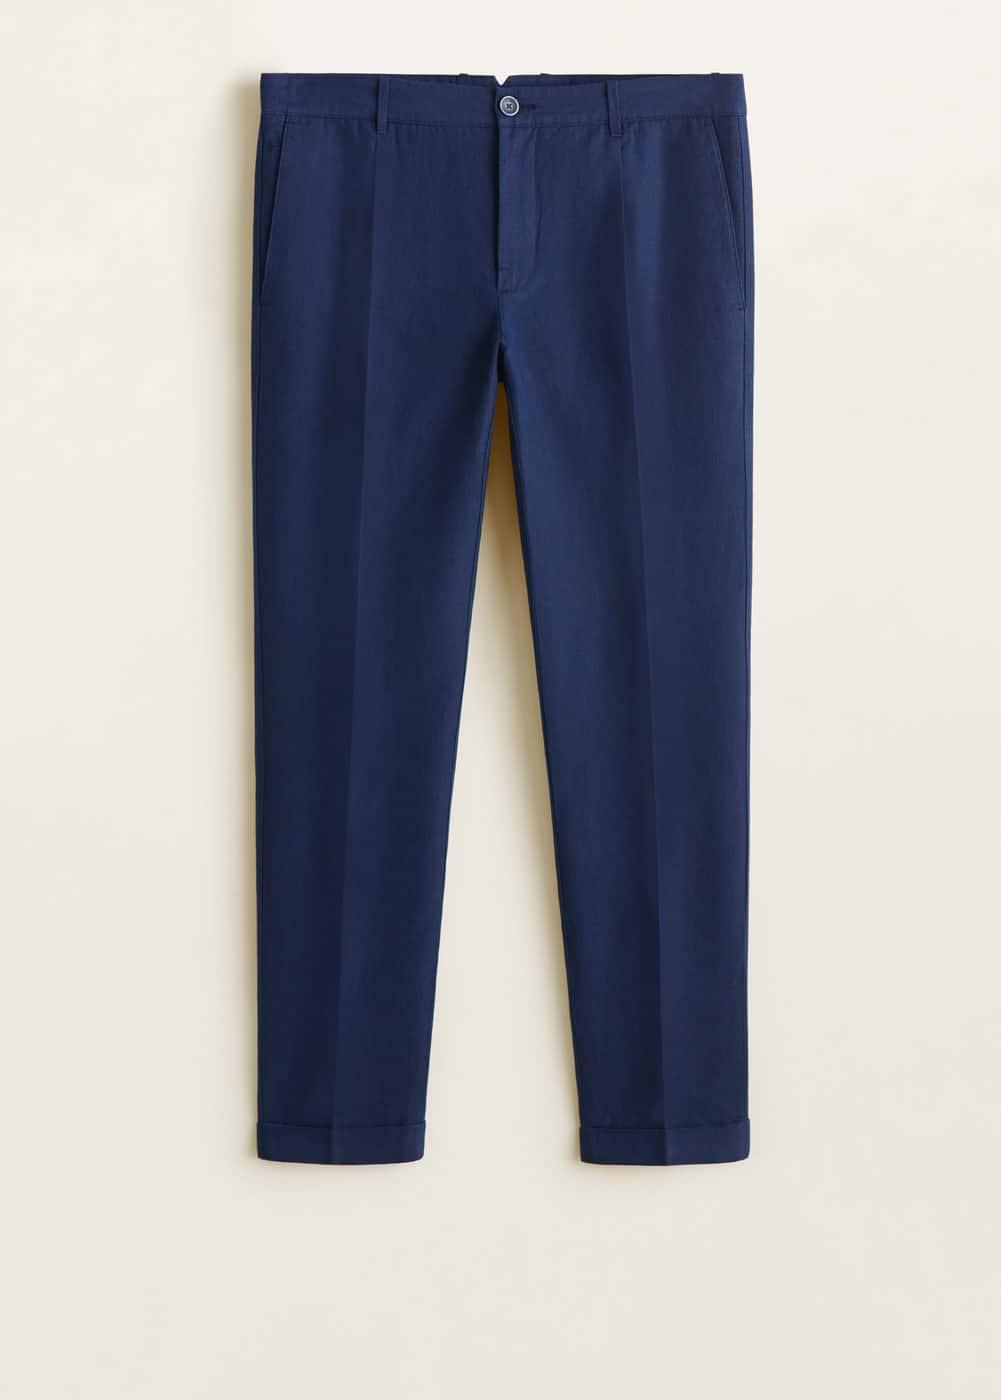 1e27b38e3 Pantalón algodón lino pinzas - Hombre | Mango Man República Dominicana